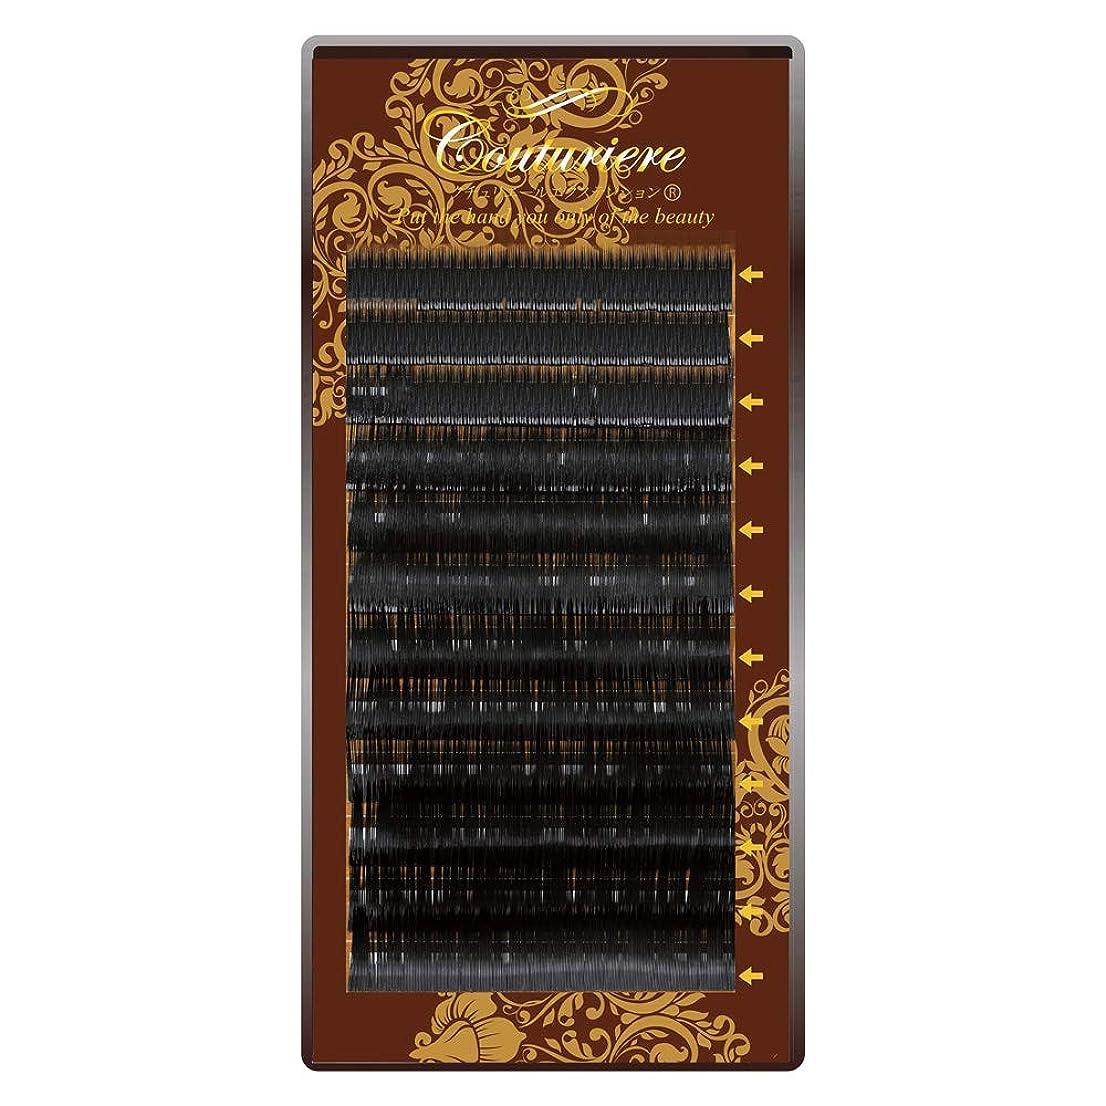 支払う杖ランデブークチュリエールエクステンションMIX下まつげ12列Sカール0.15mm